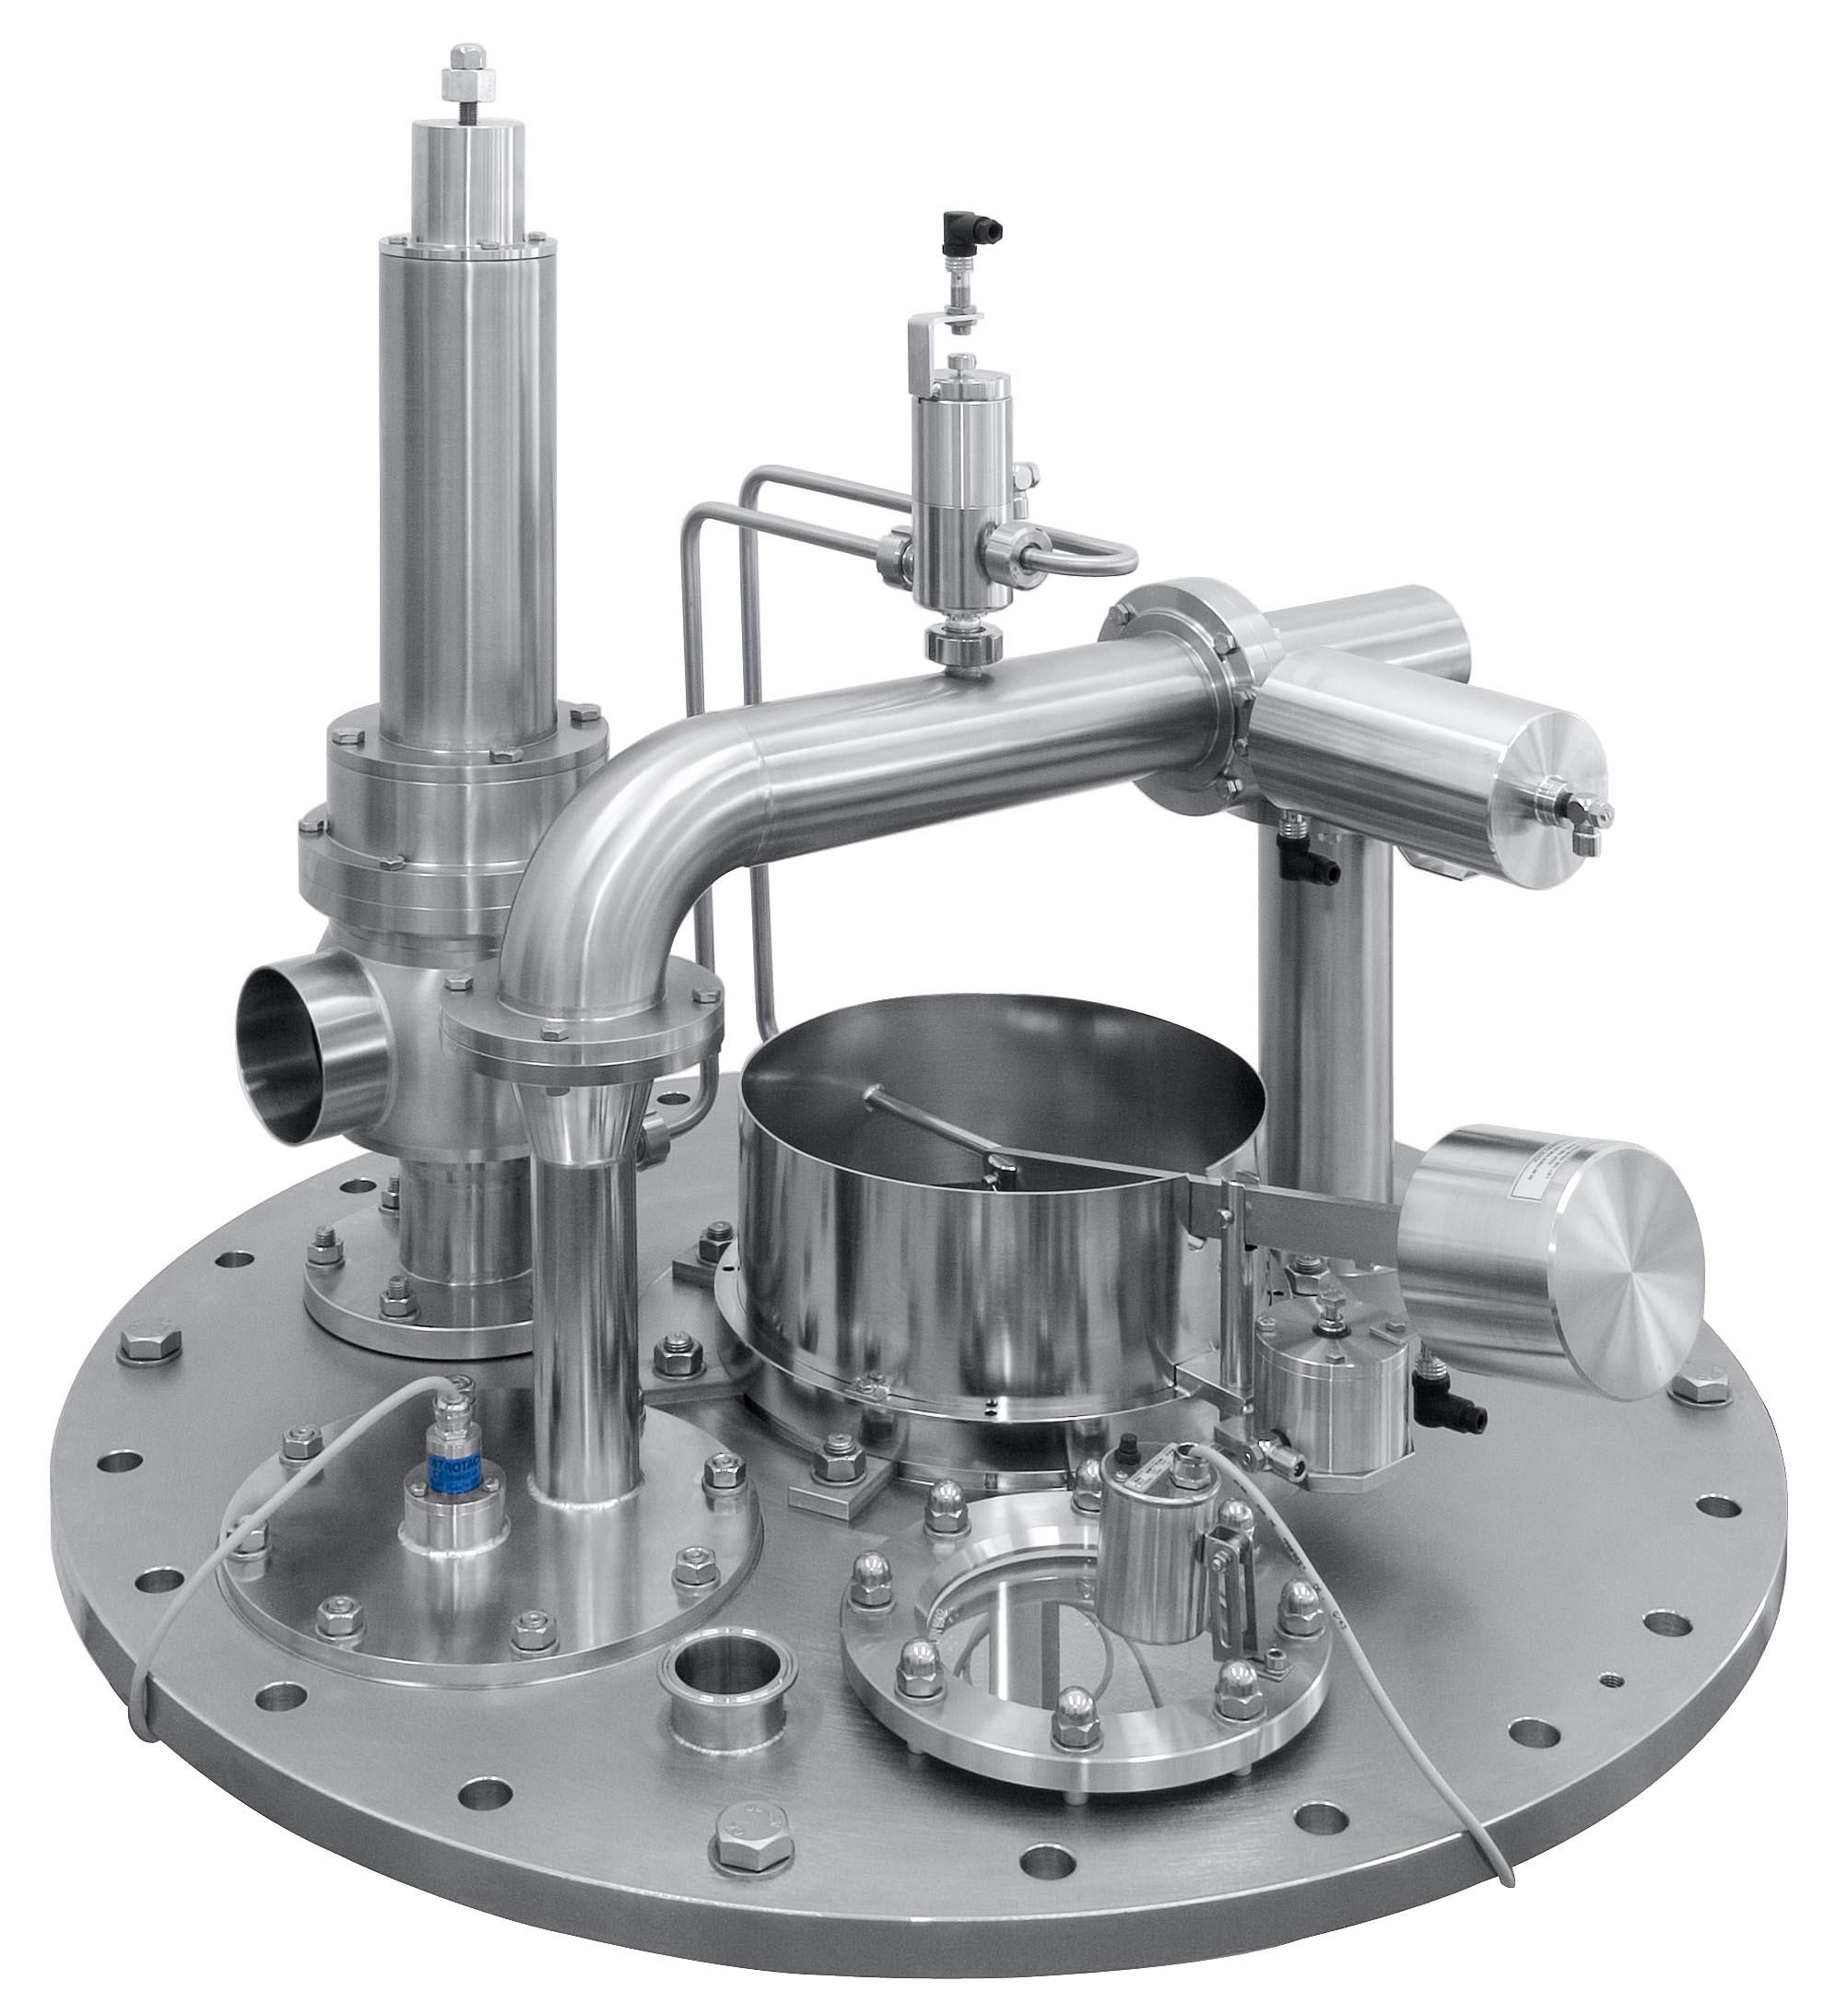 Armatury a technologie Handtmann pro nápojářský průmysl